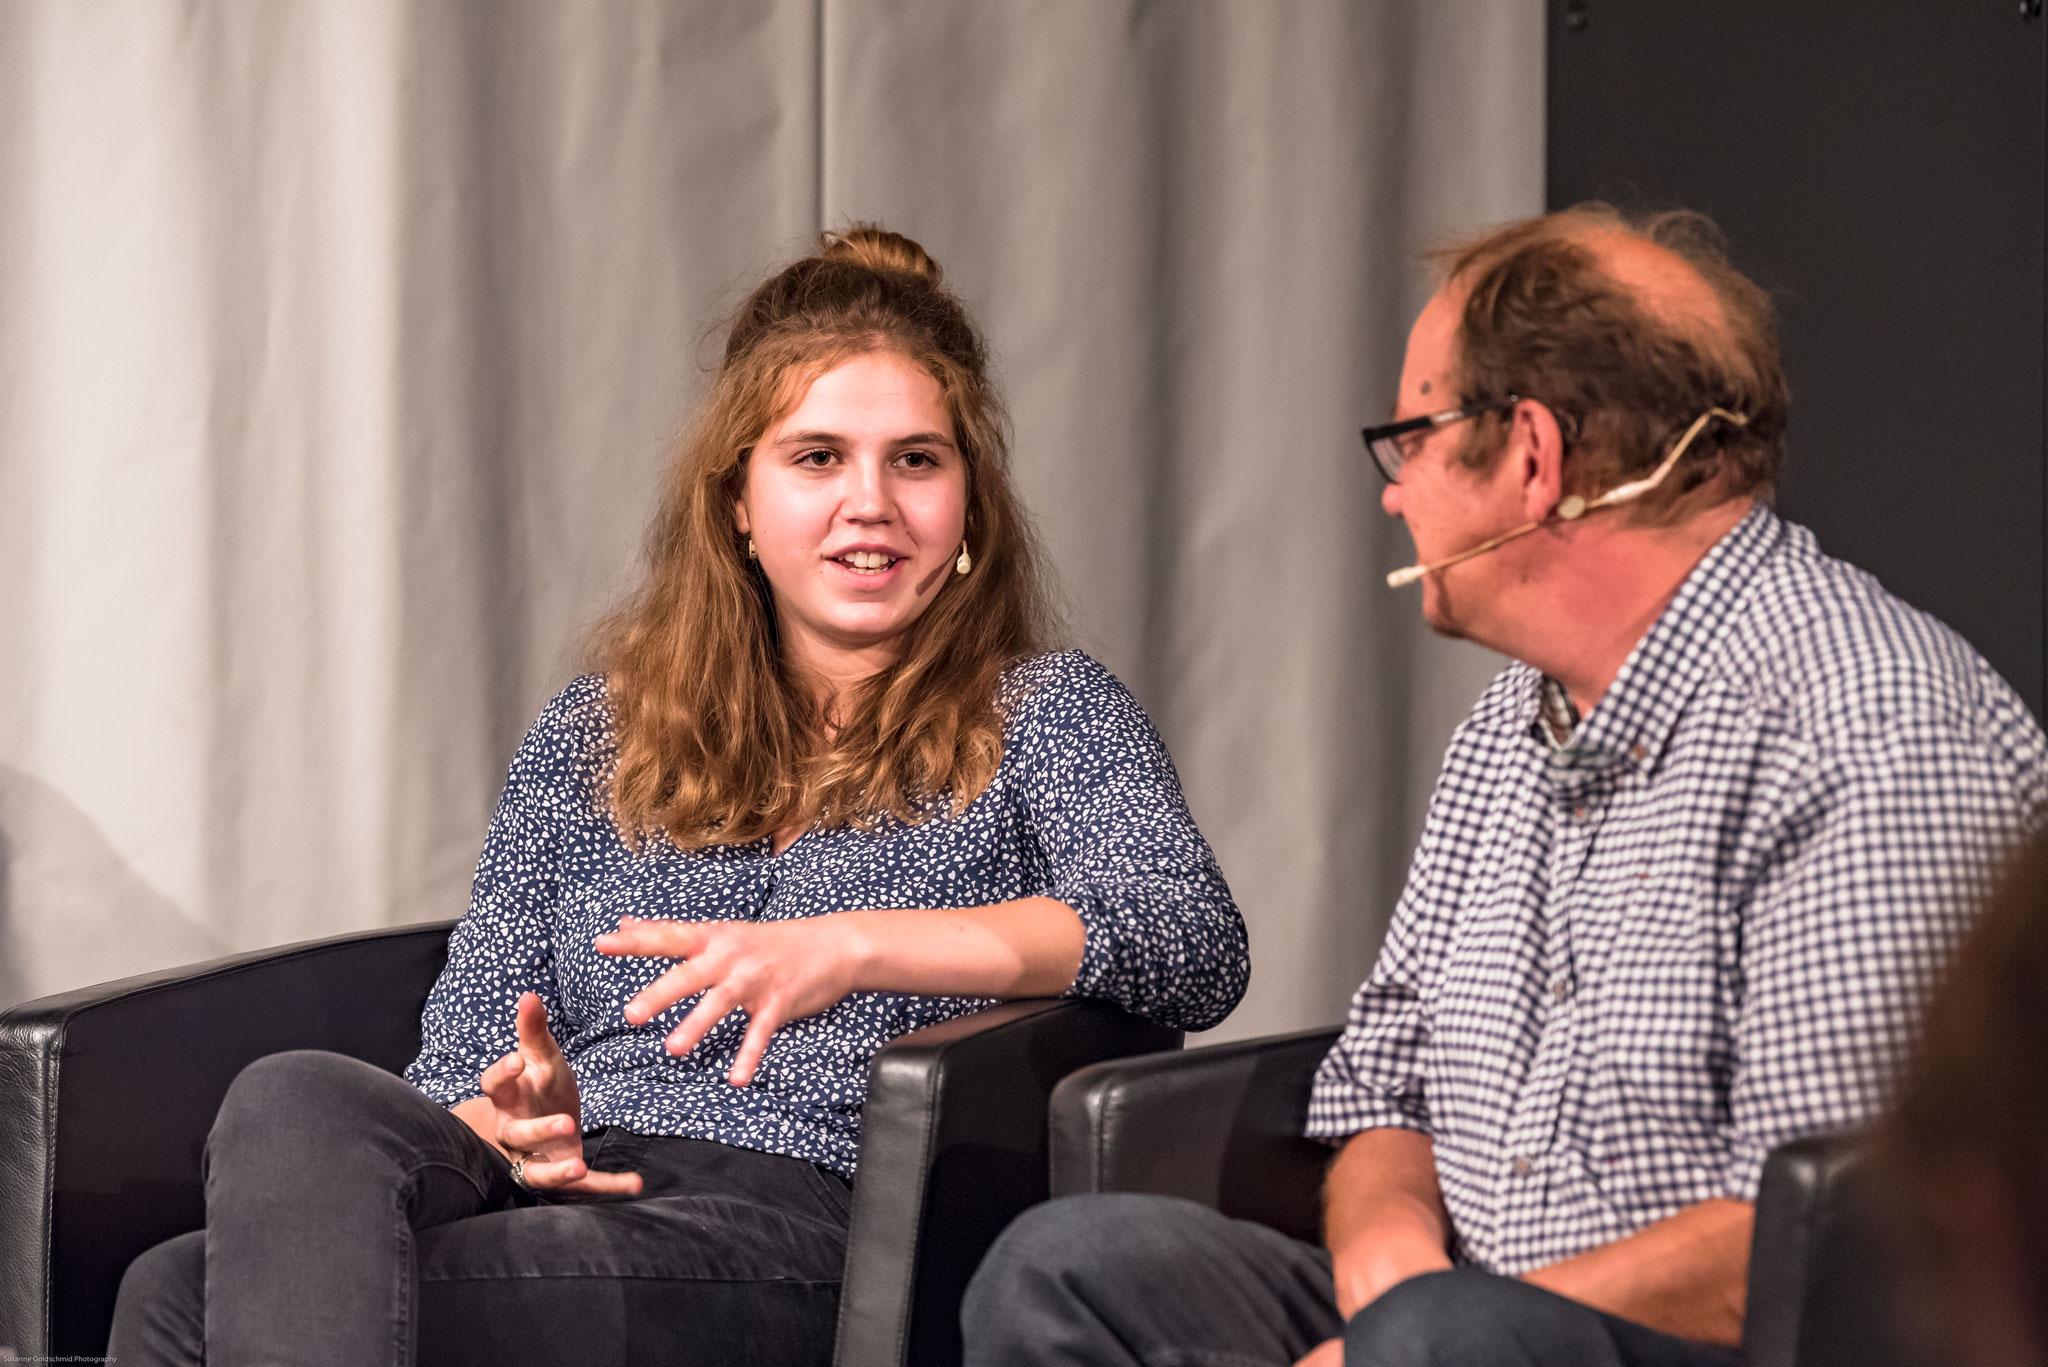 Paula Zysset (coprésidente du parlement des jeunes de la Ville de Berne)